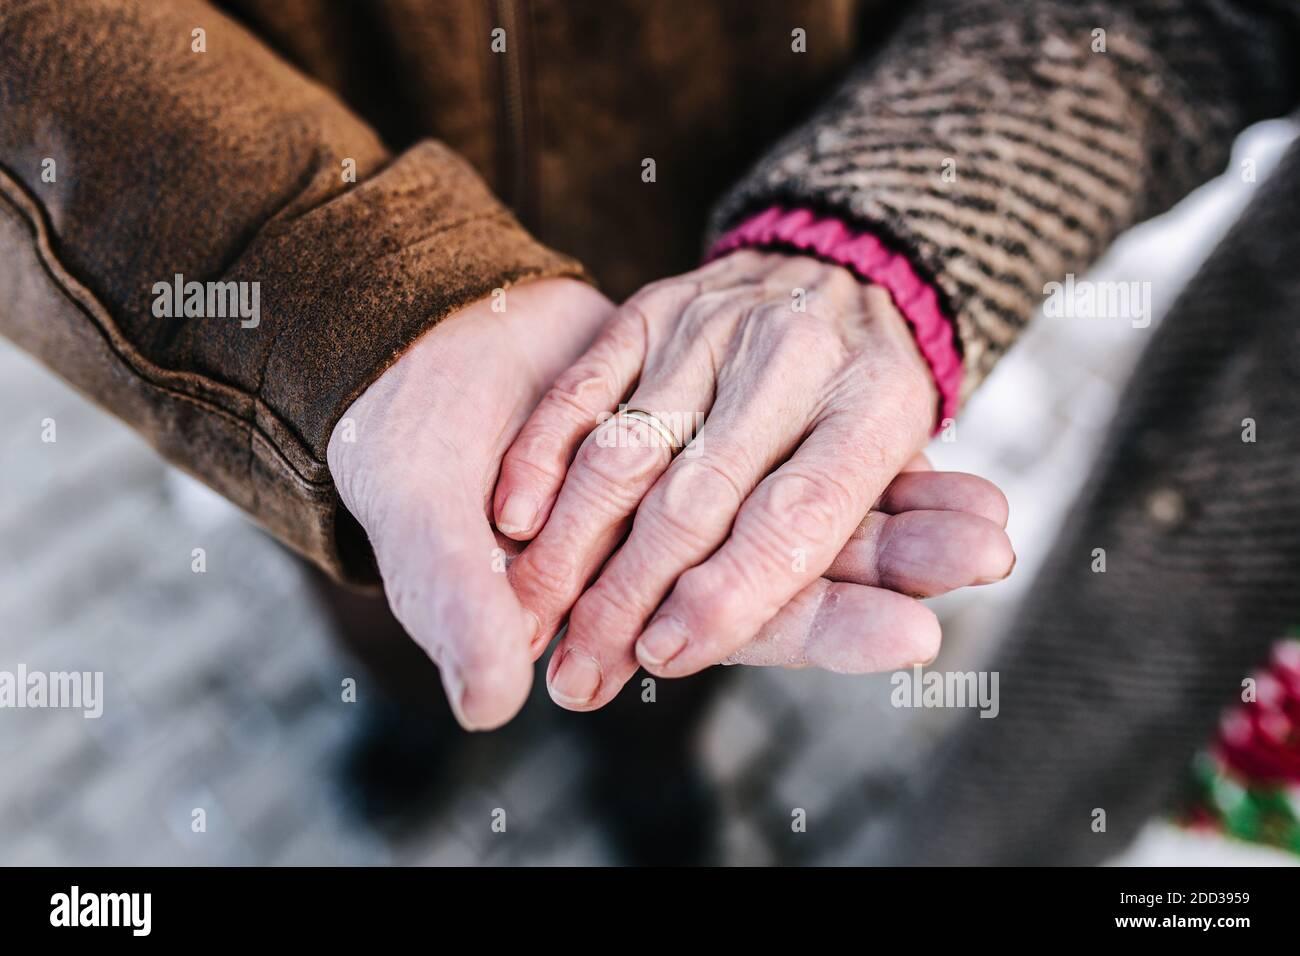 Mani di closeup di anziani. Maschio e femmina. Coppia. Nonno e nonna. Amore per sempre Foto Stock